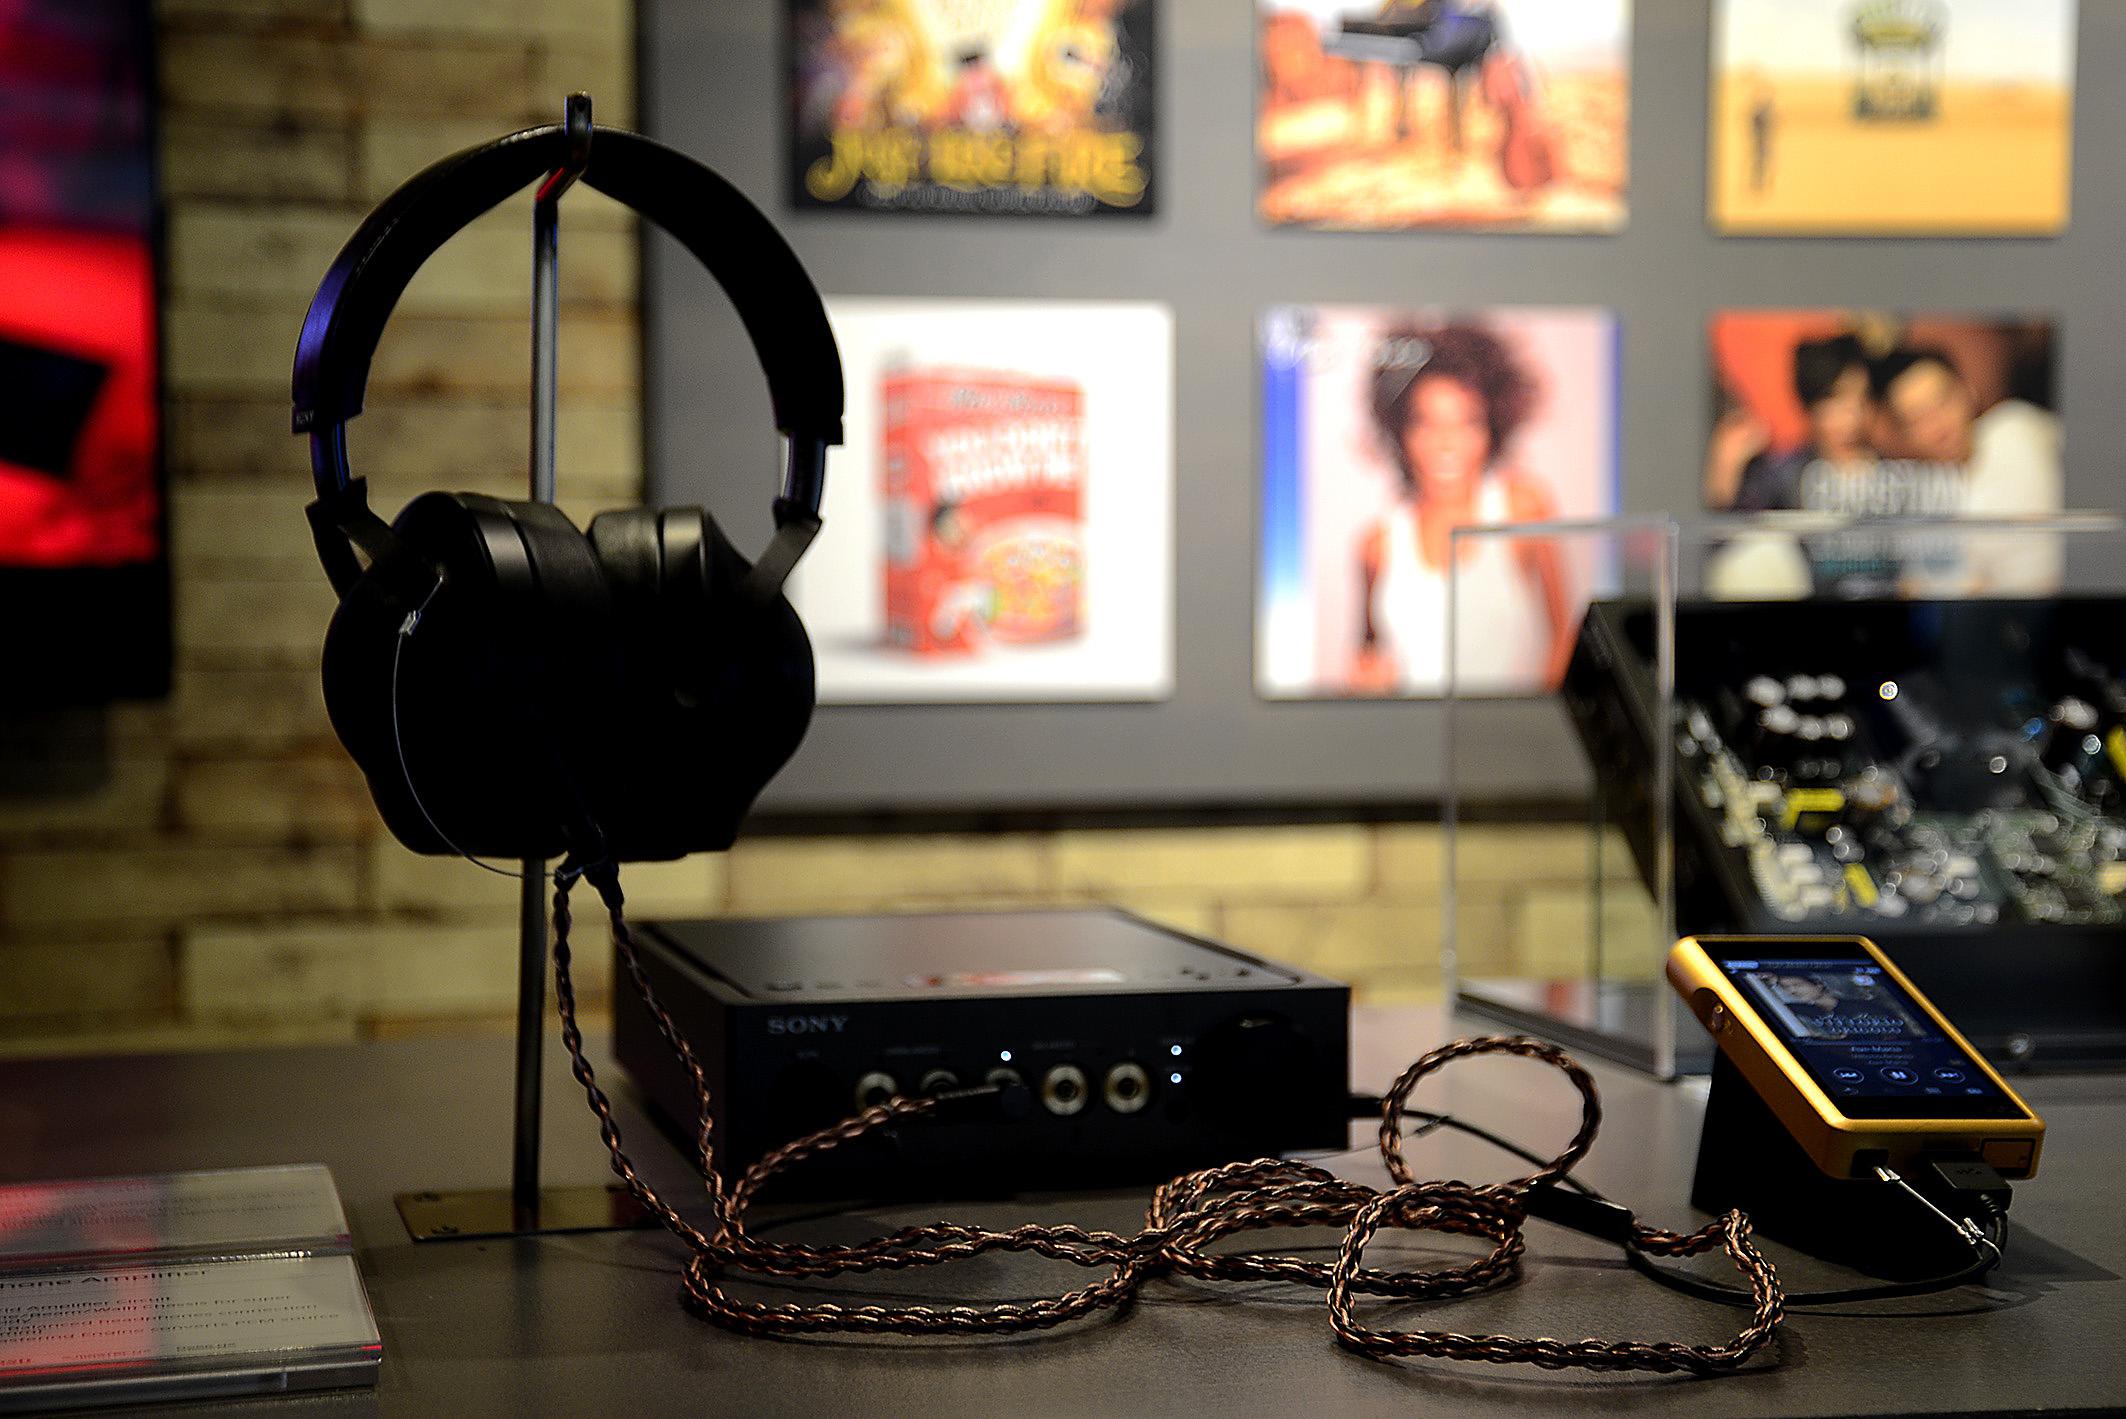 Foto: Michael B. Rehders Neben Bereichen für TV-Geräten, Kameras, Smartphones gibt es einen Ort für Kopfhörer. Wer mal gute Musik auf die Ohren bekommen möchte, oder seine Nachbarn abends beim Filmgenuss nicht stören möchte, sollte die Kopfhörer von Sony mal ausprobieren.